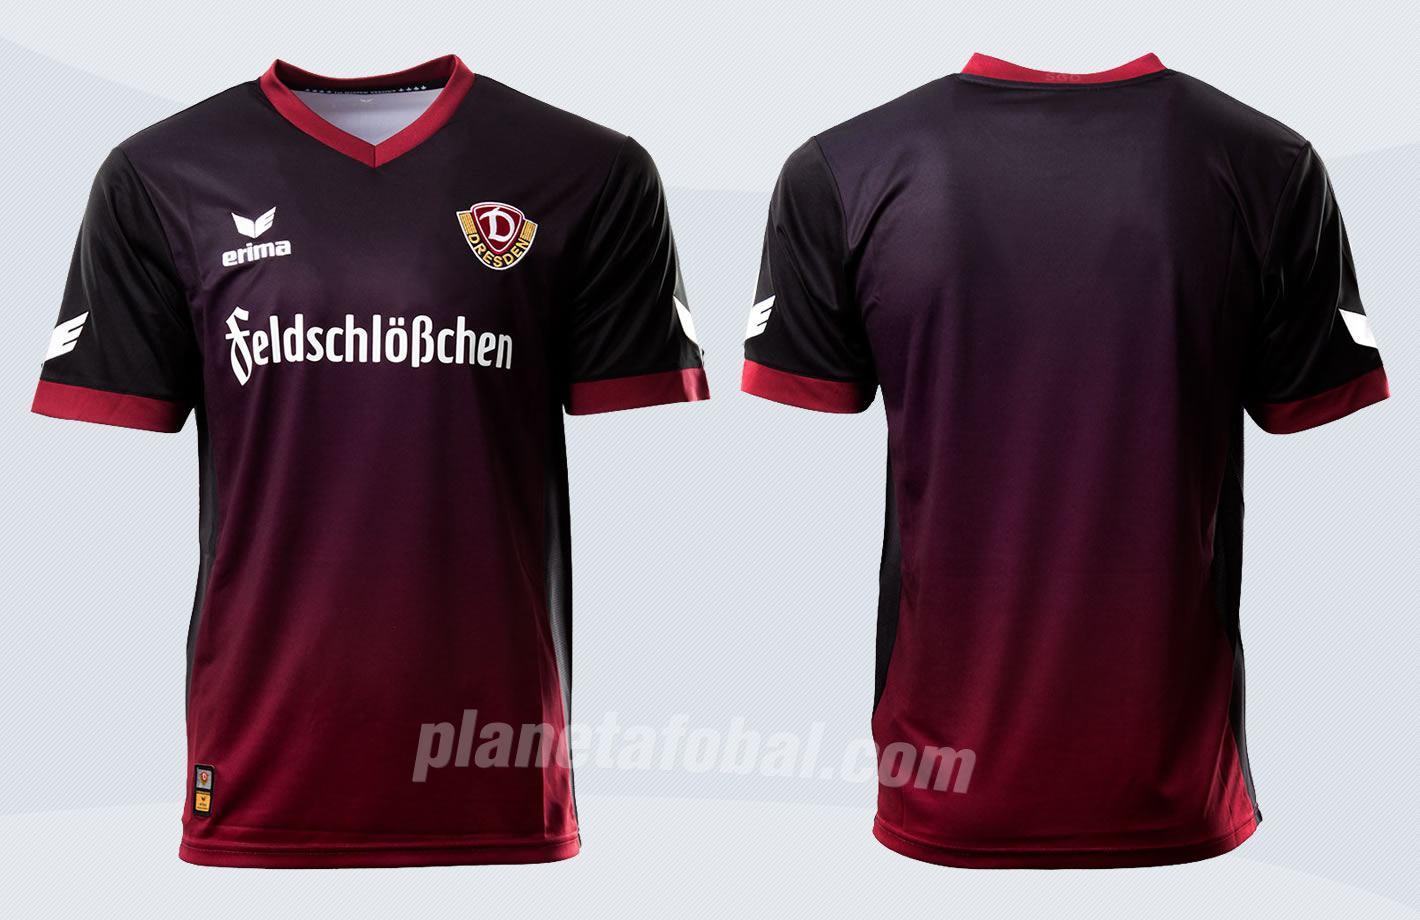 Camiseta suplente Erima del Dynamo Dresden | Imágenes Web Oficial